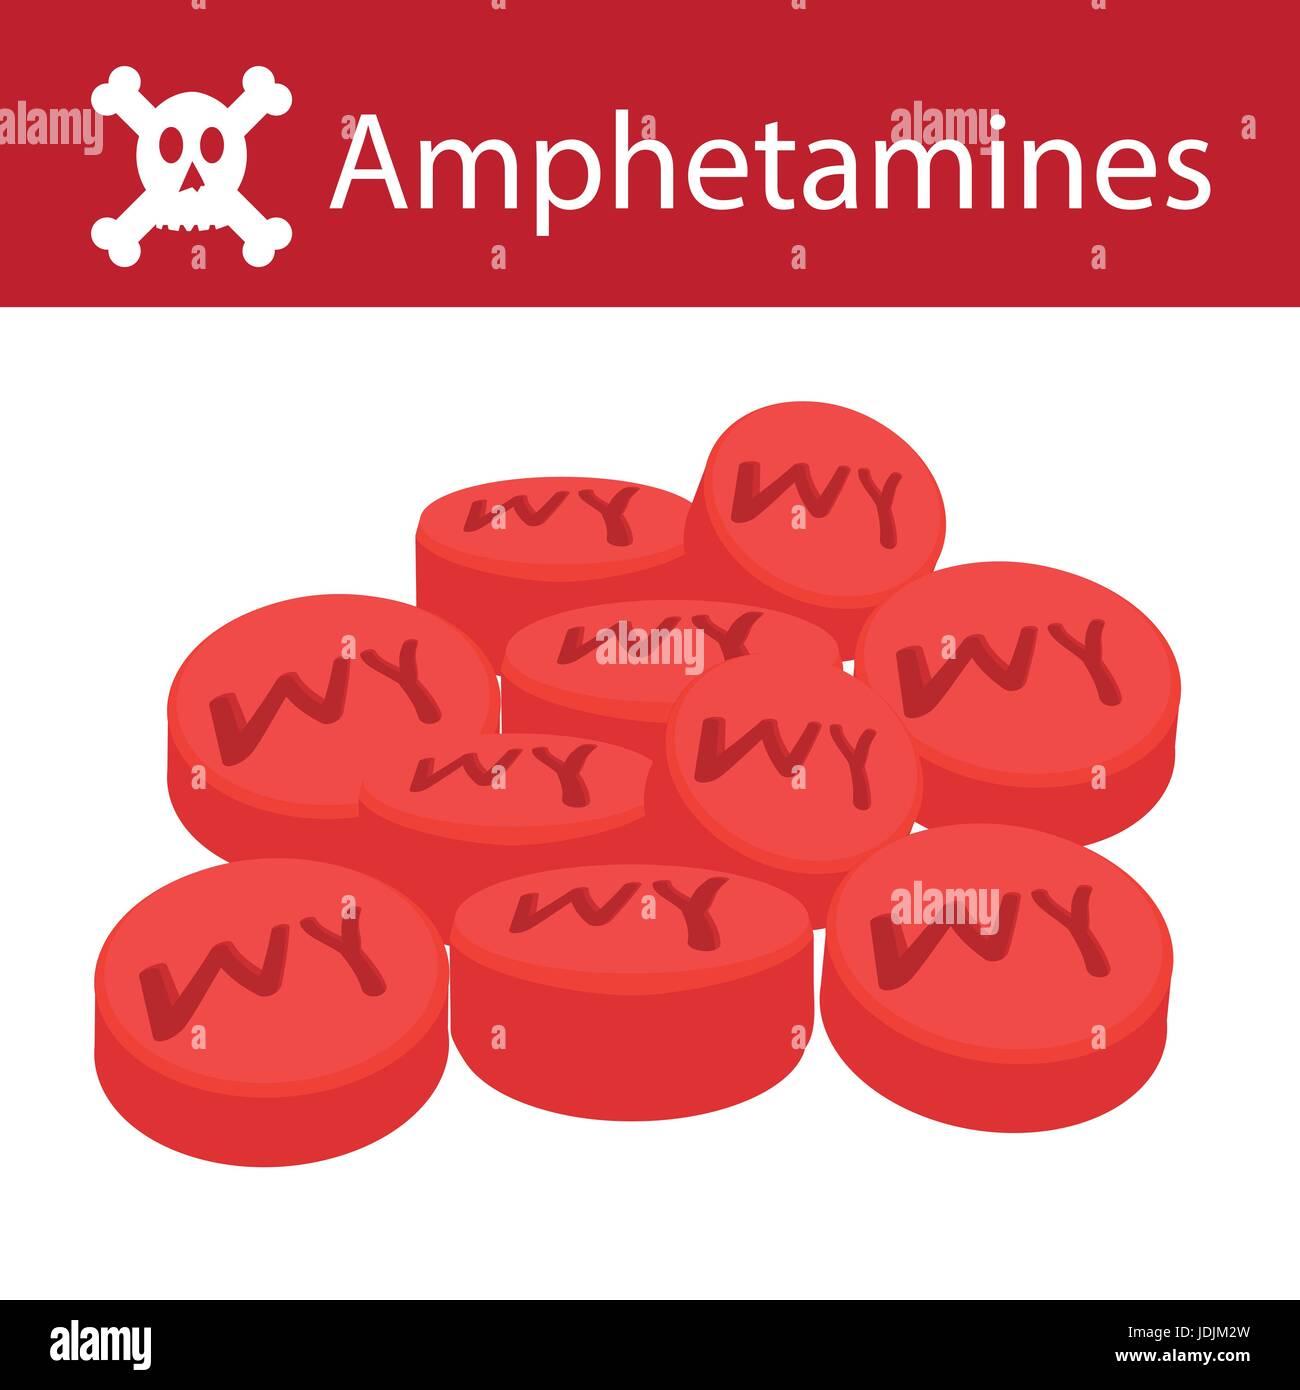 no drugs no amphetamines amphetamines flat style isolated on white